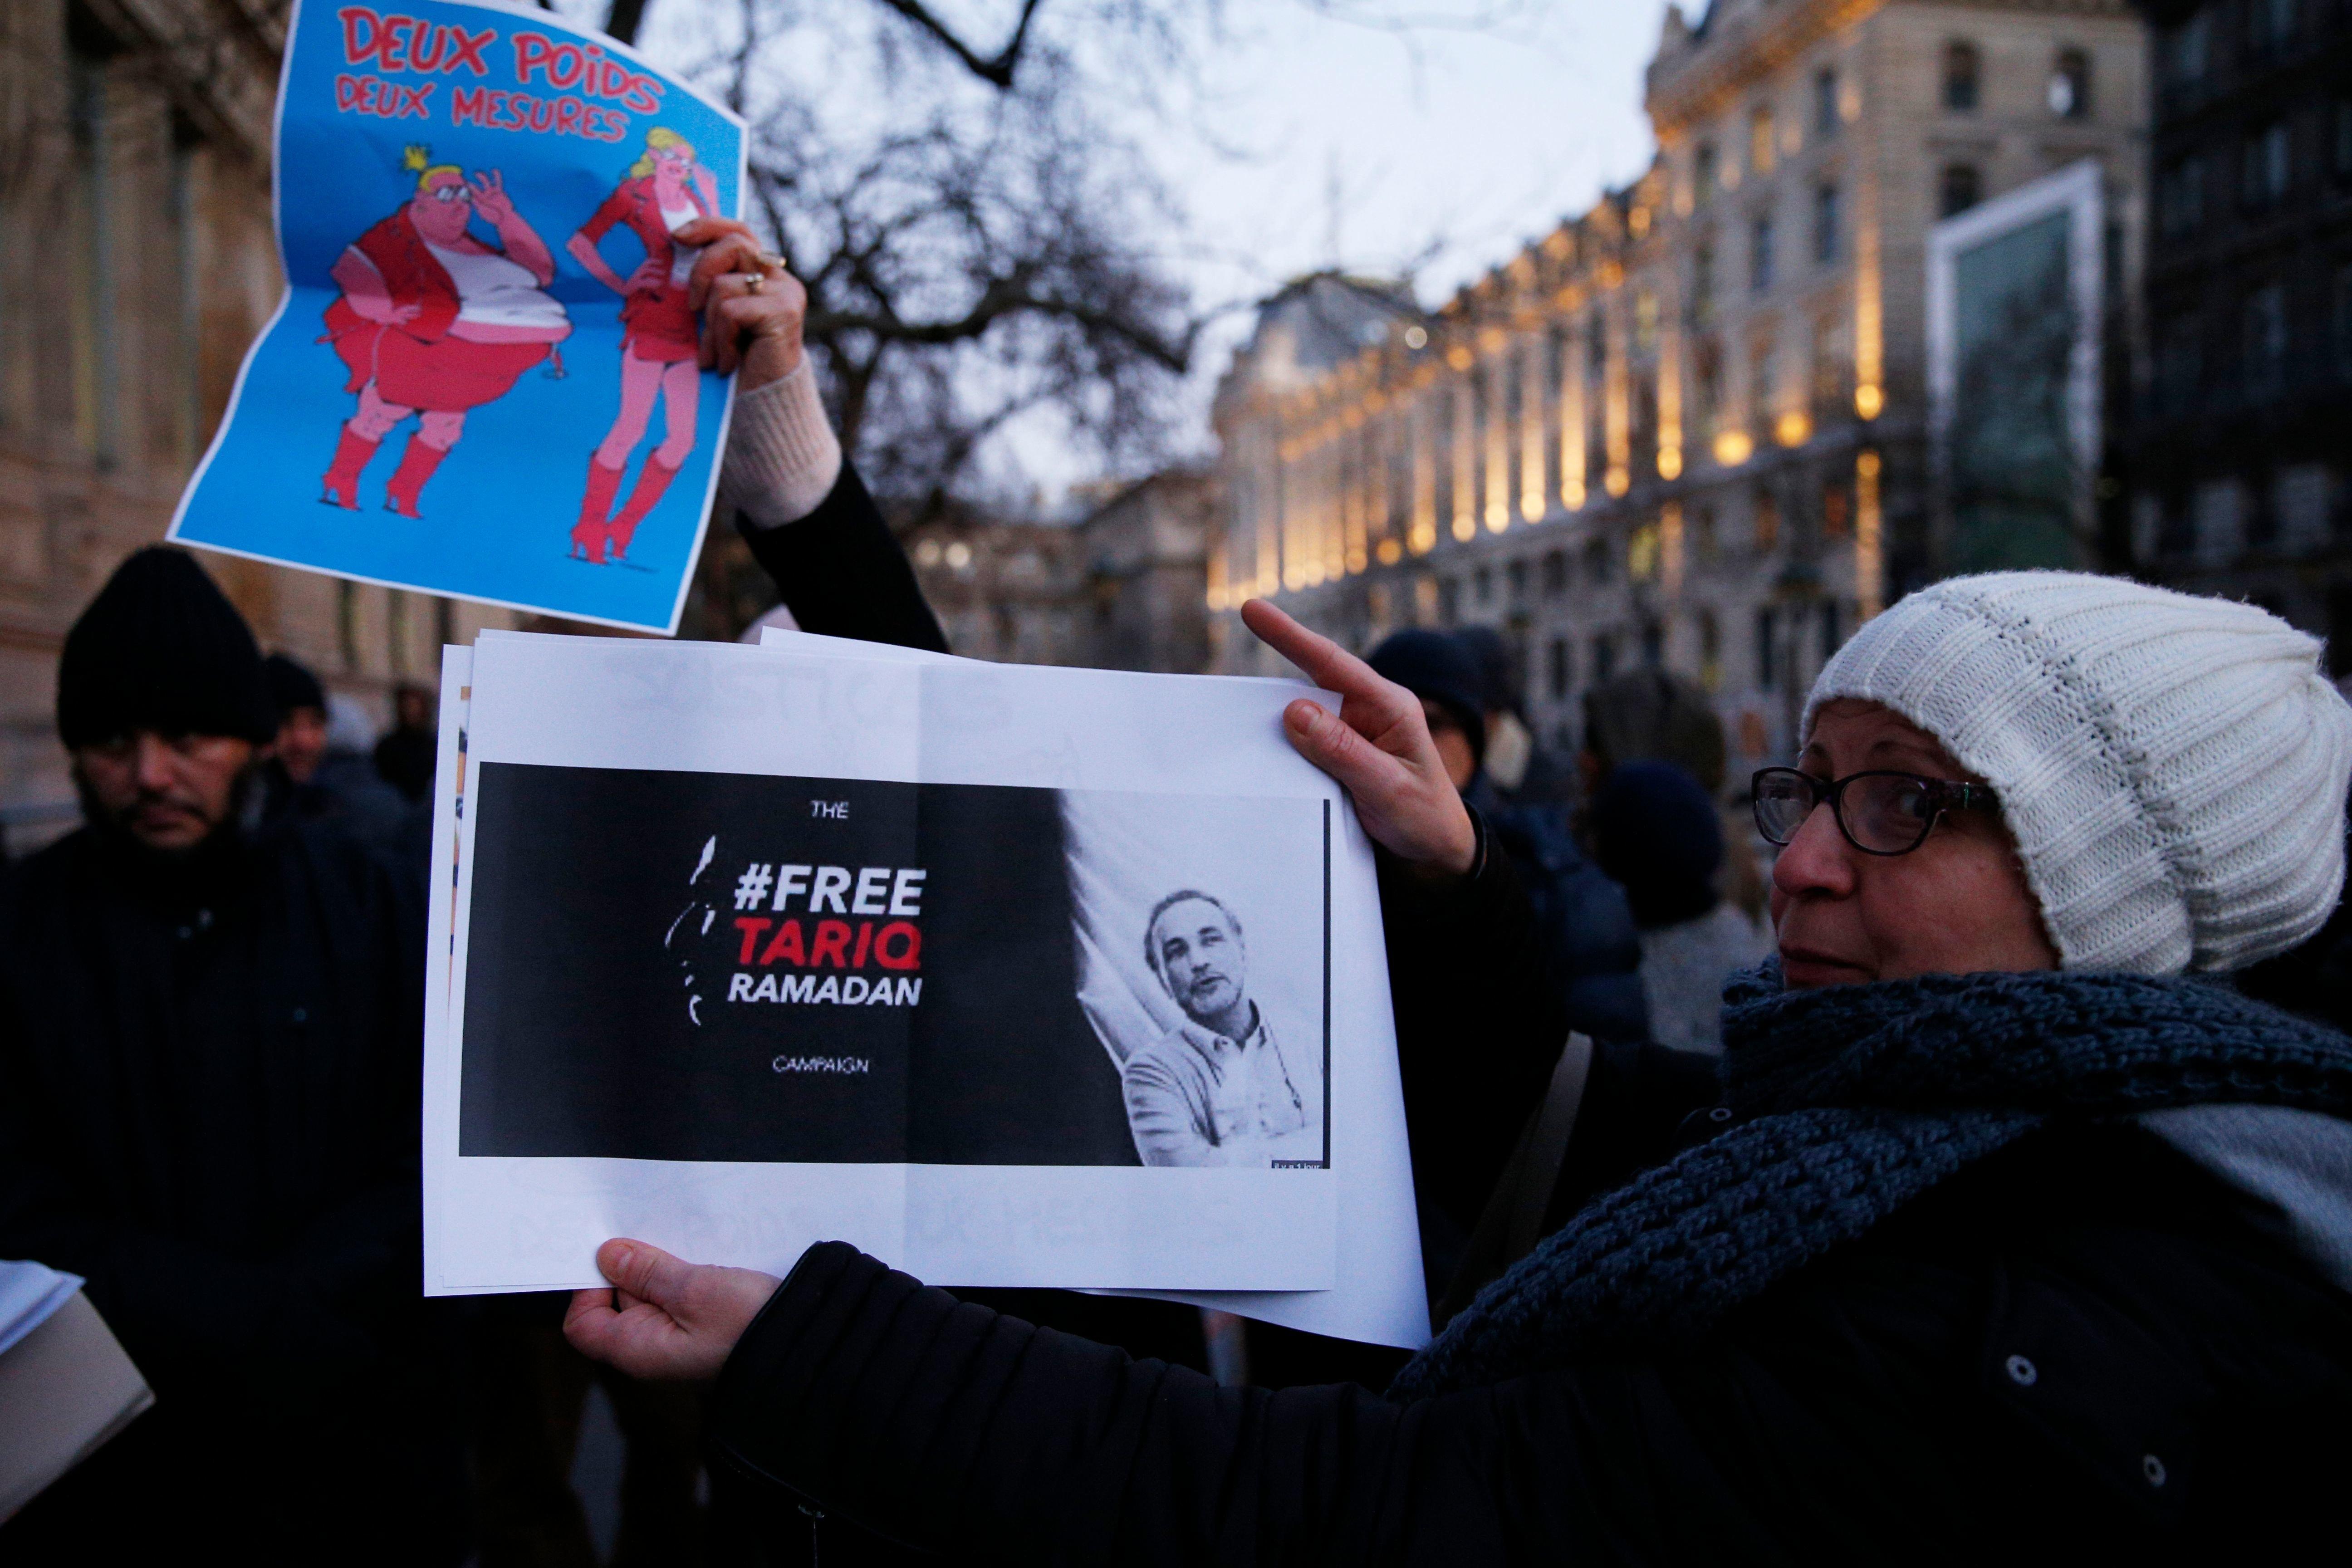 Affaire Tariq Ramadan: Mobilisation dans 25 villes du monde en soutien à l'islamologue suisse